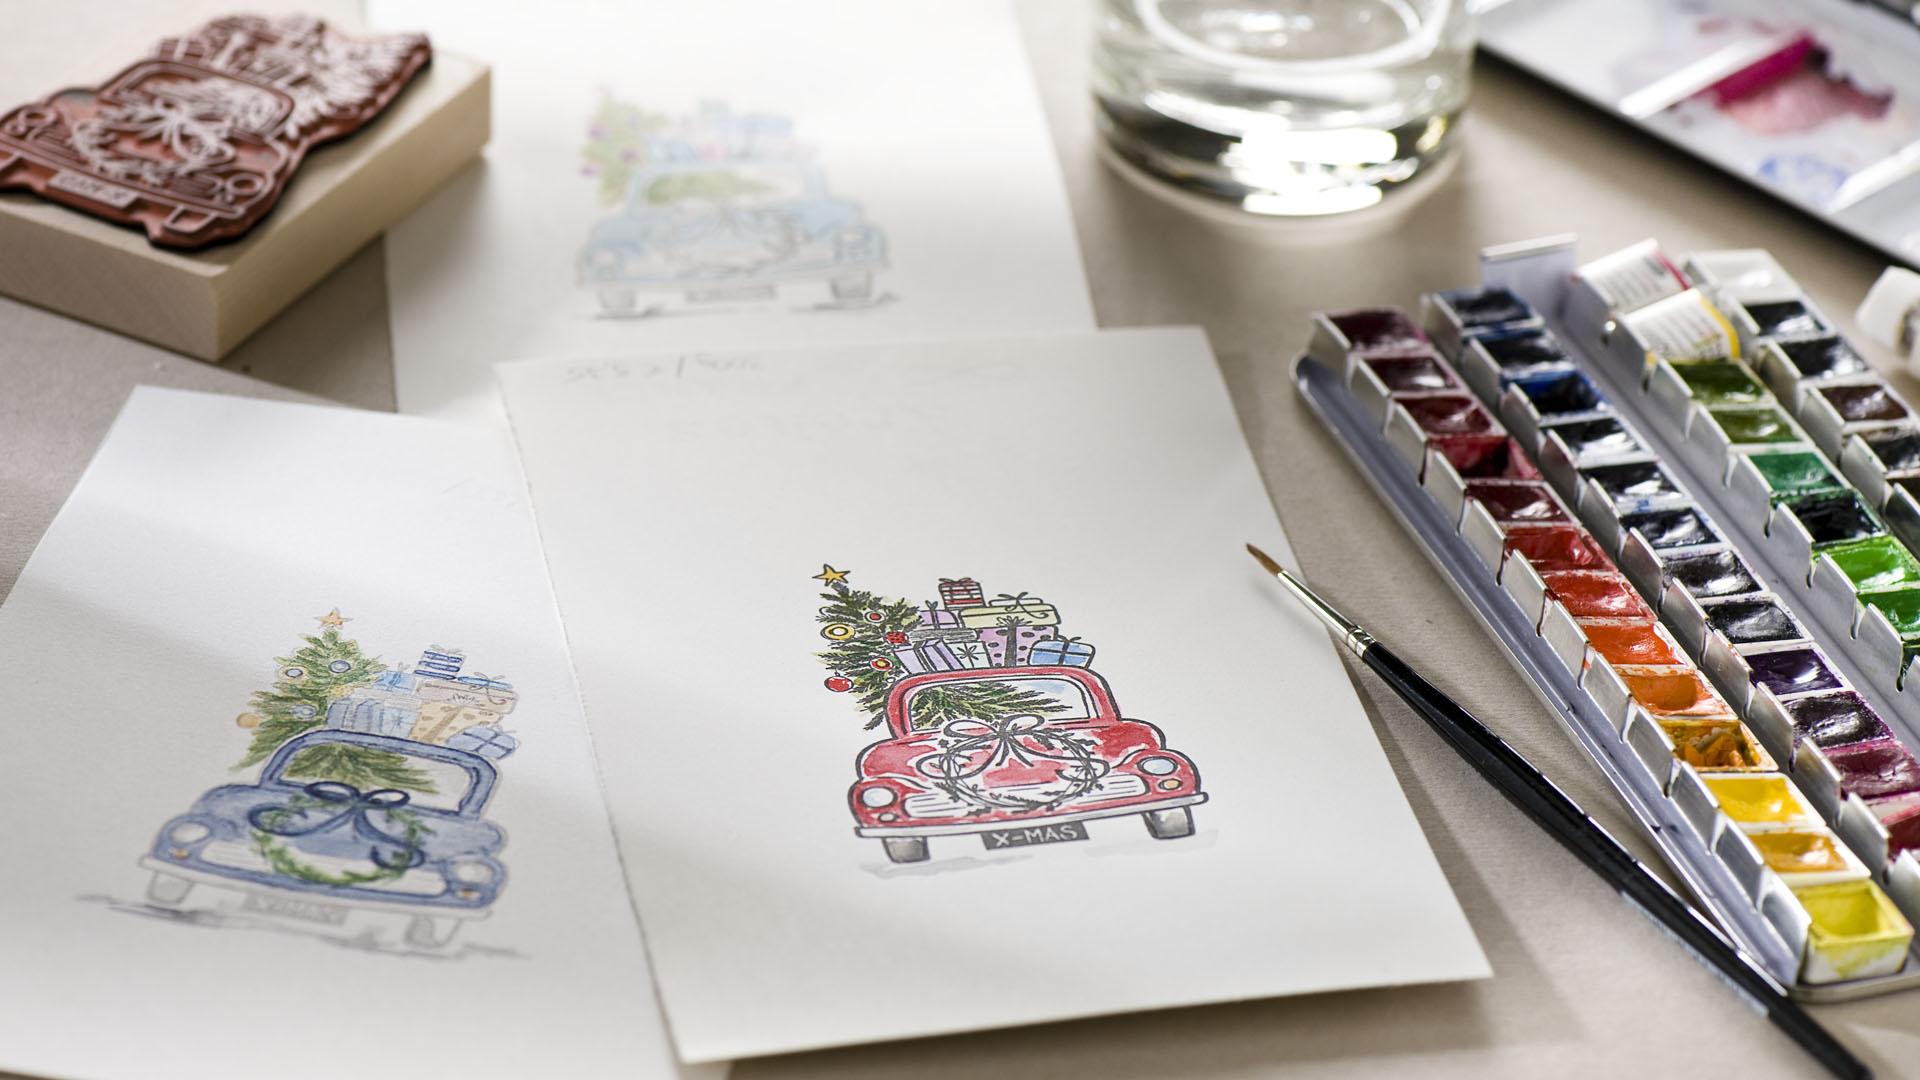 Ideen für die Weihnachtspost: Driving home for christmas